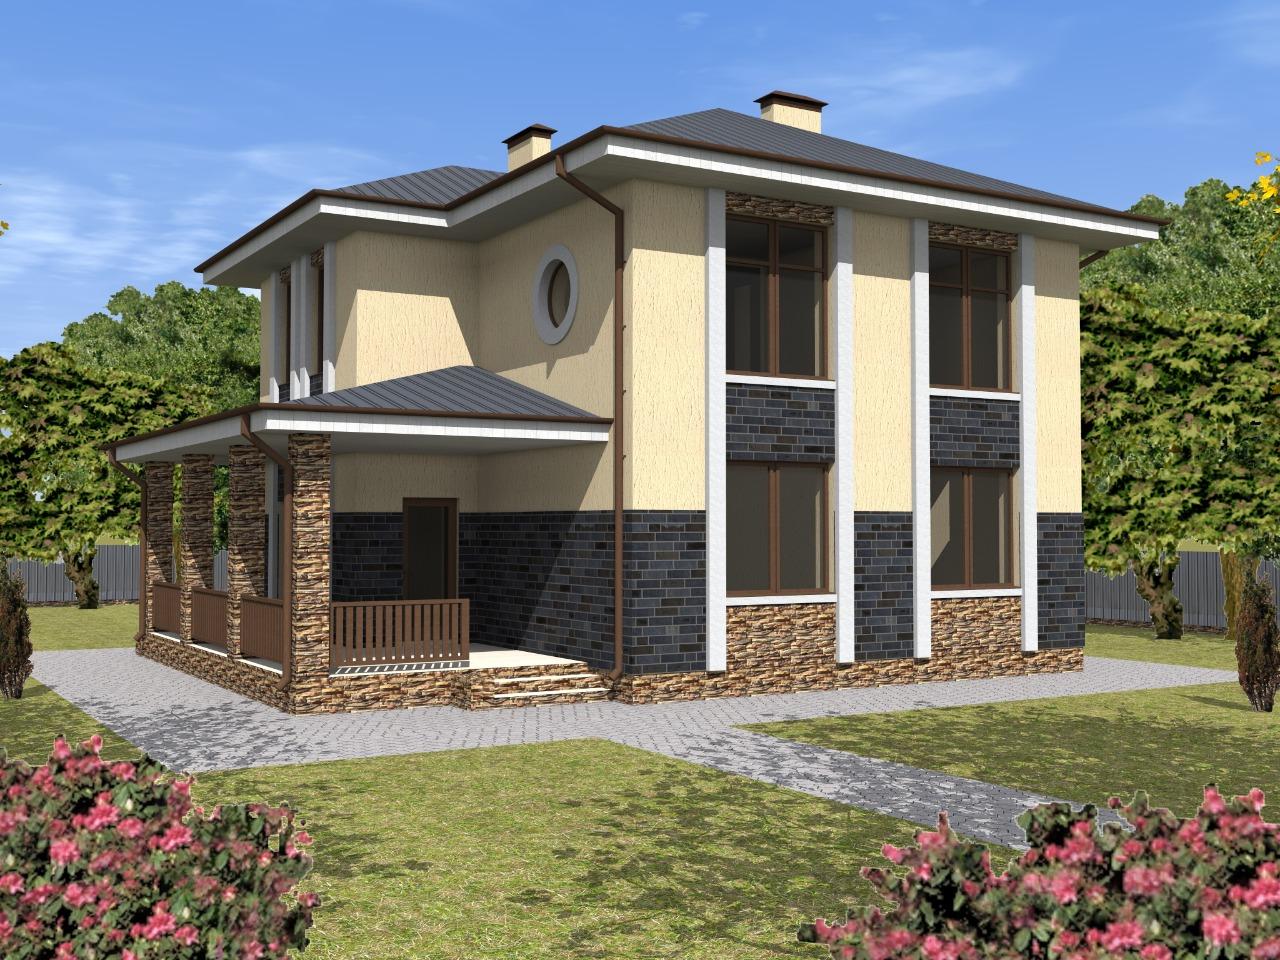 Проект двухэтажного дома 11 на 9 из кирпича